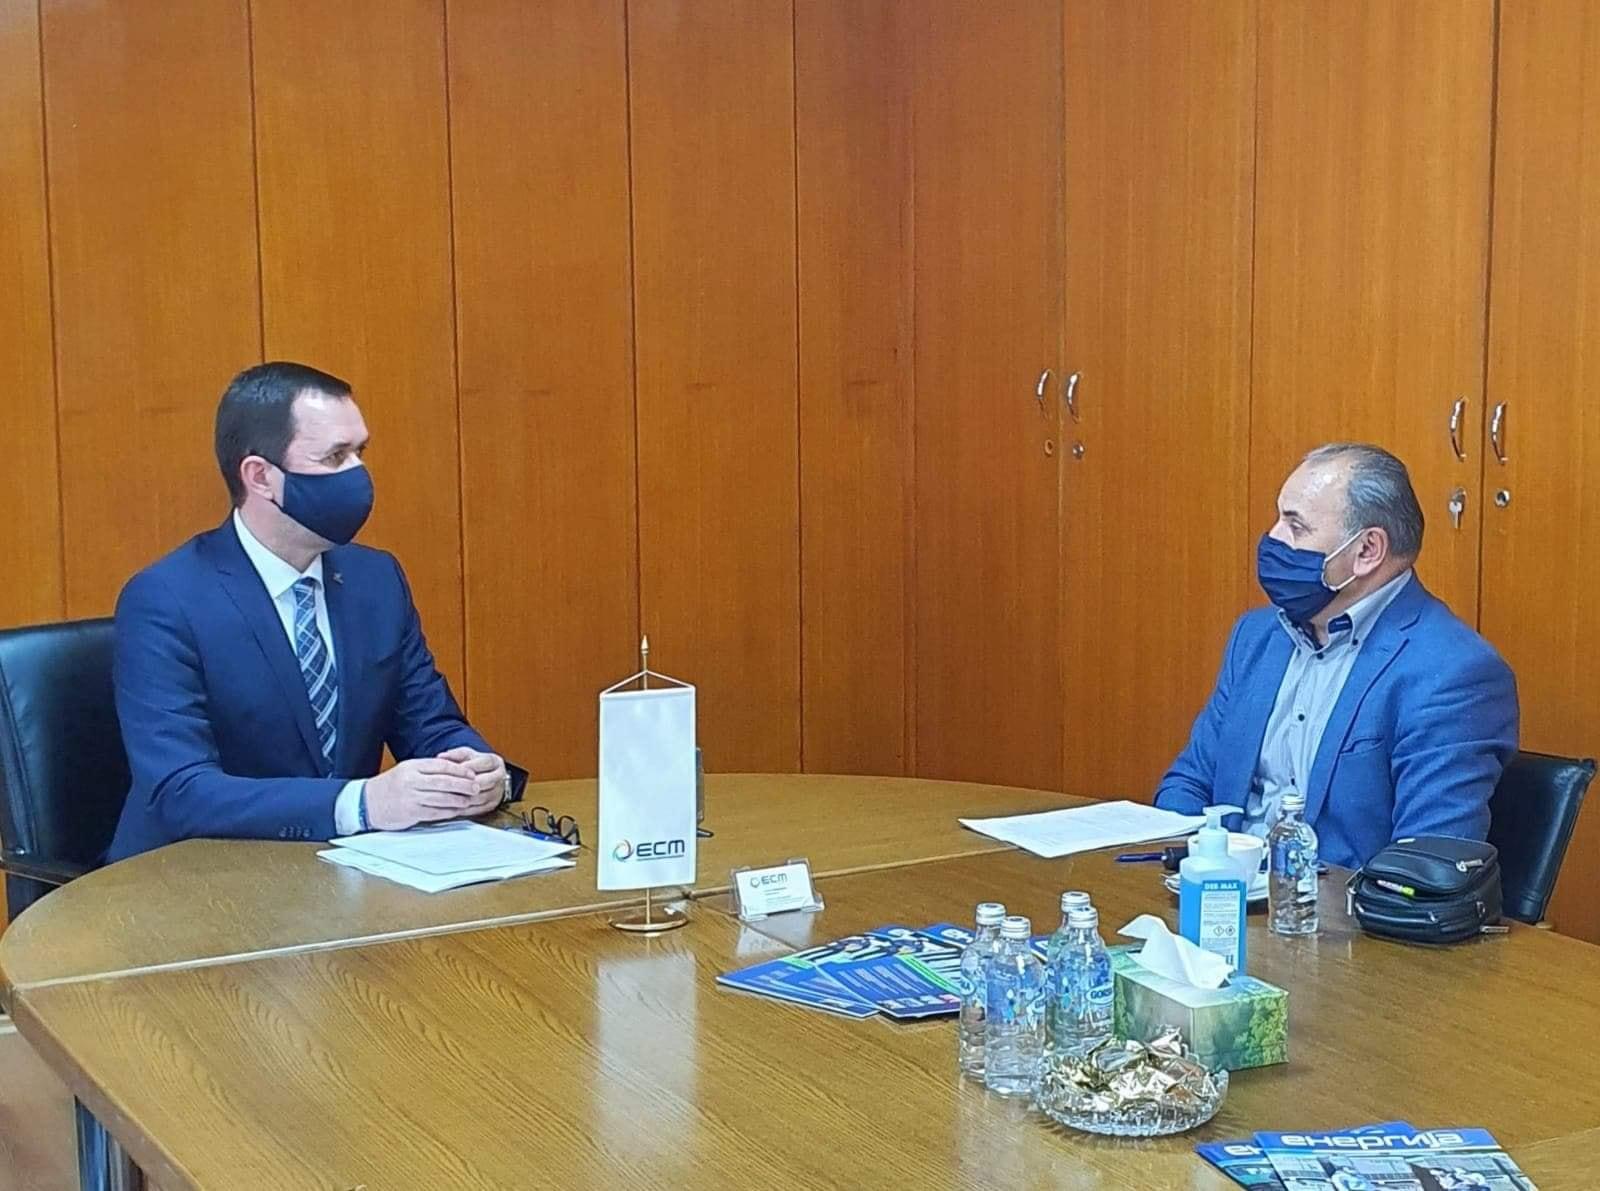 Радио интервју на директорот Ковачевски